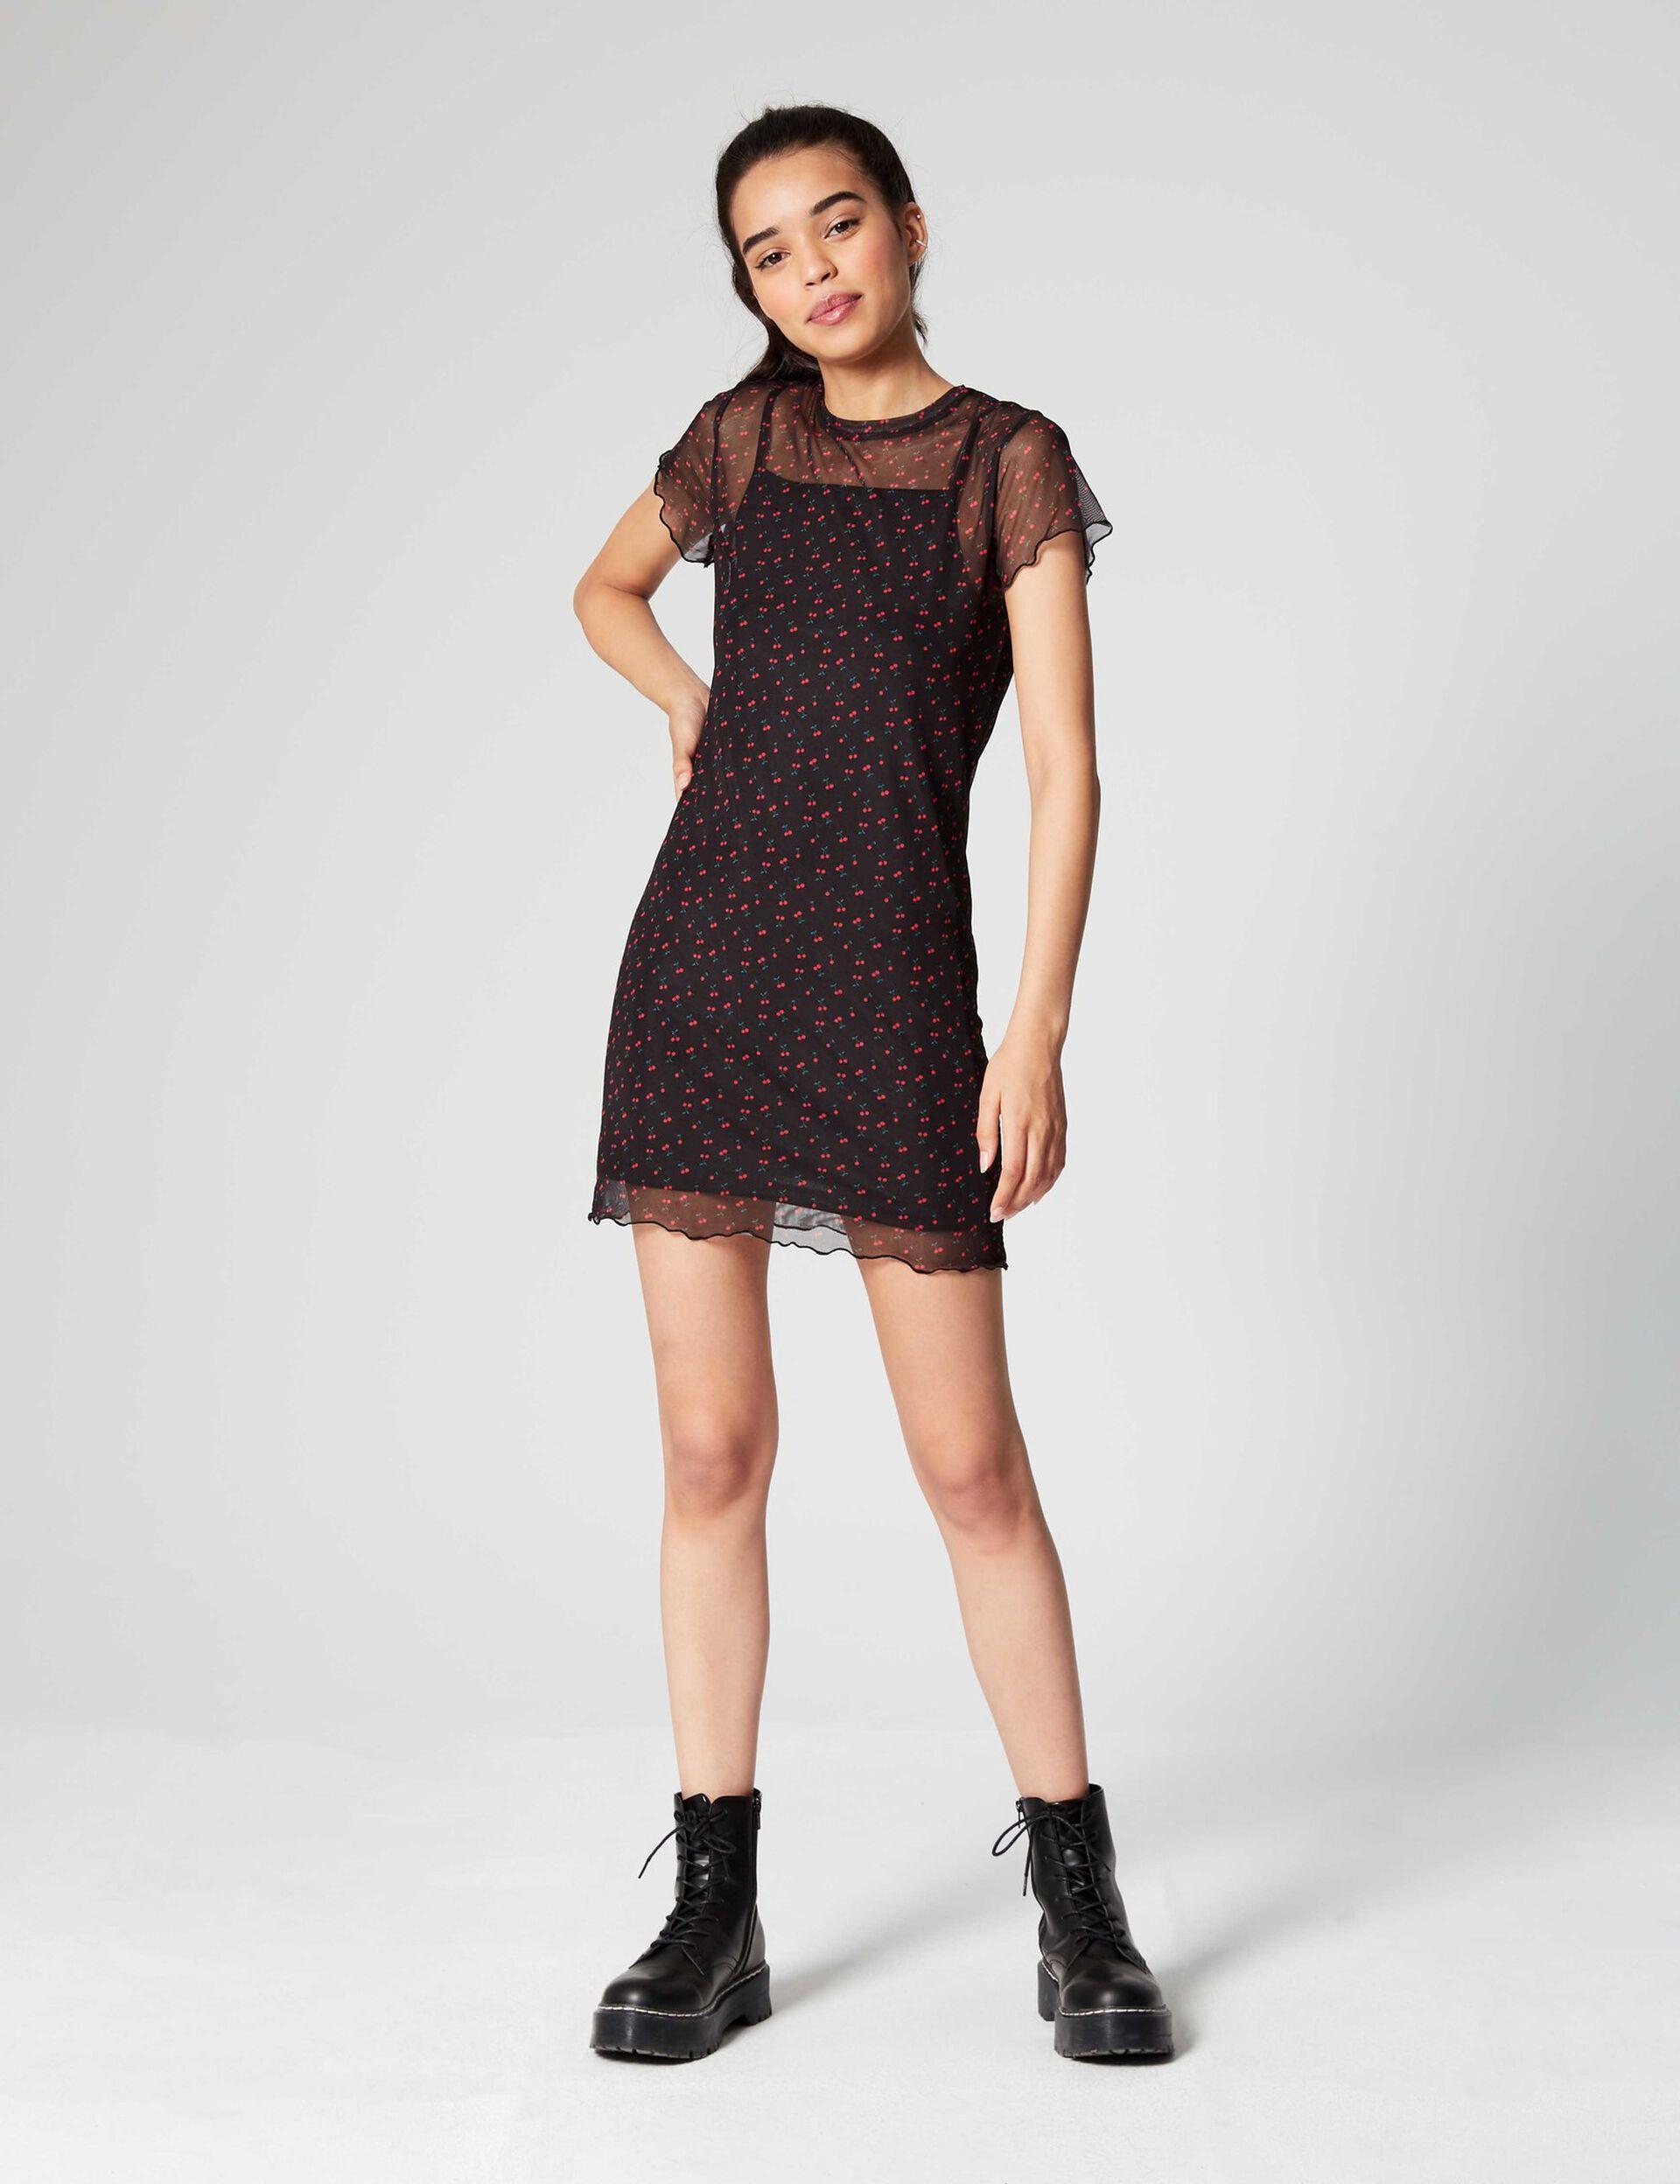 Mesh dress with cherries